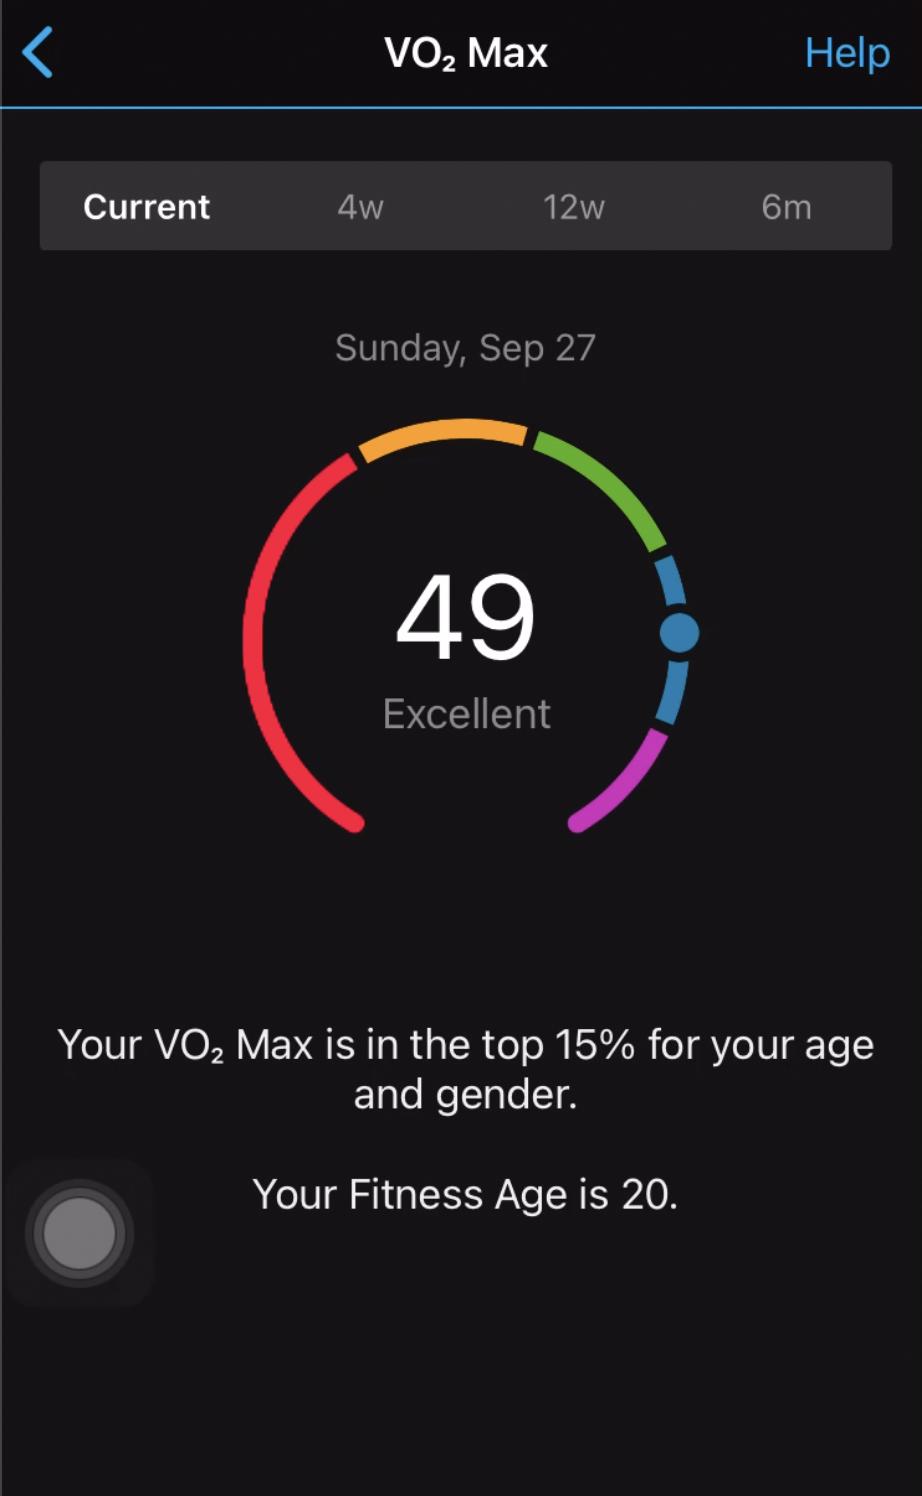 V02 Max